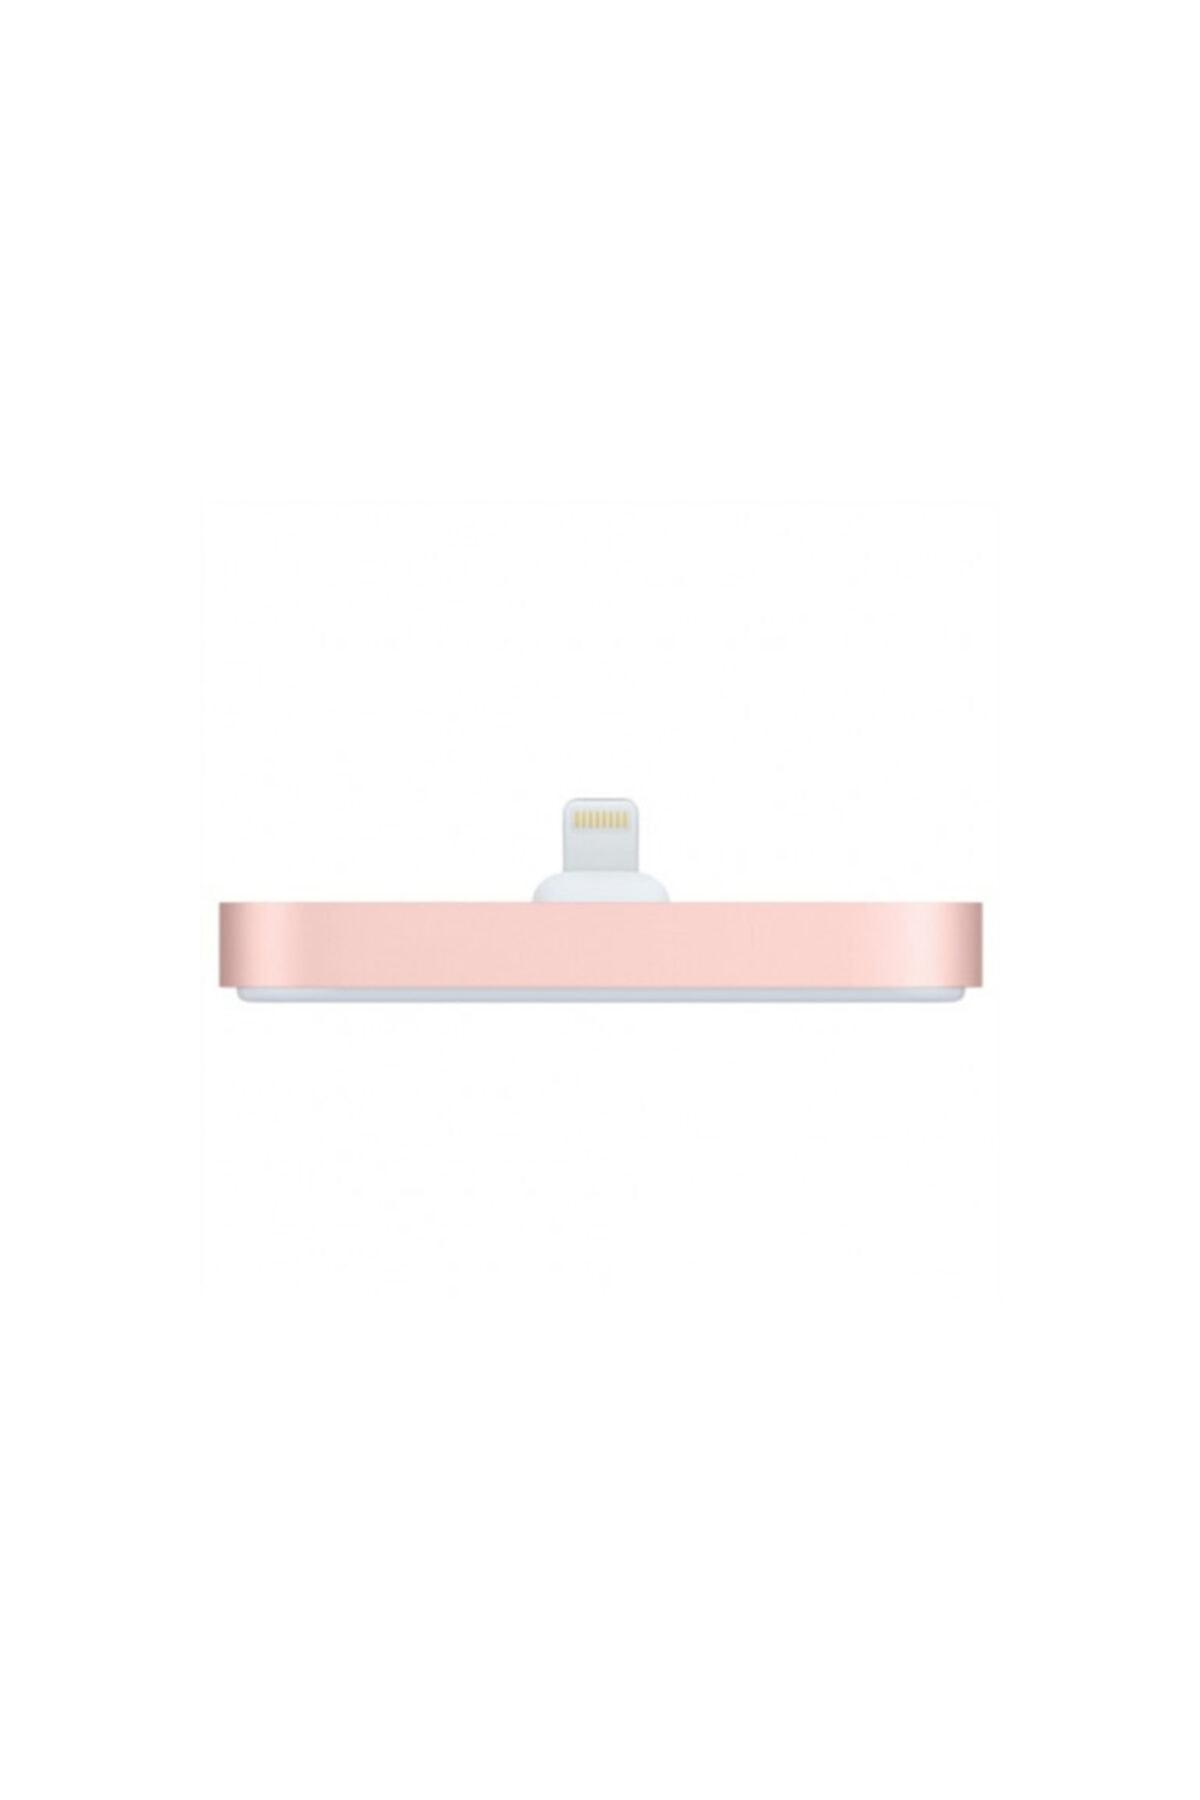 TEKNO GARAGE Apple Iphone Xs Max Lightning Dock Masaüstü Stand Şarj Ithalatçı Garantili 1